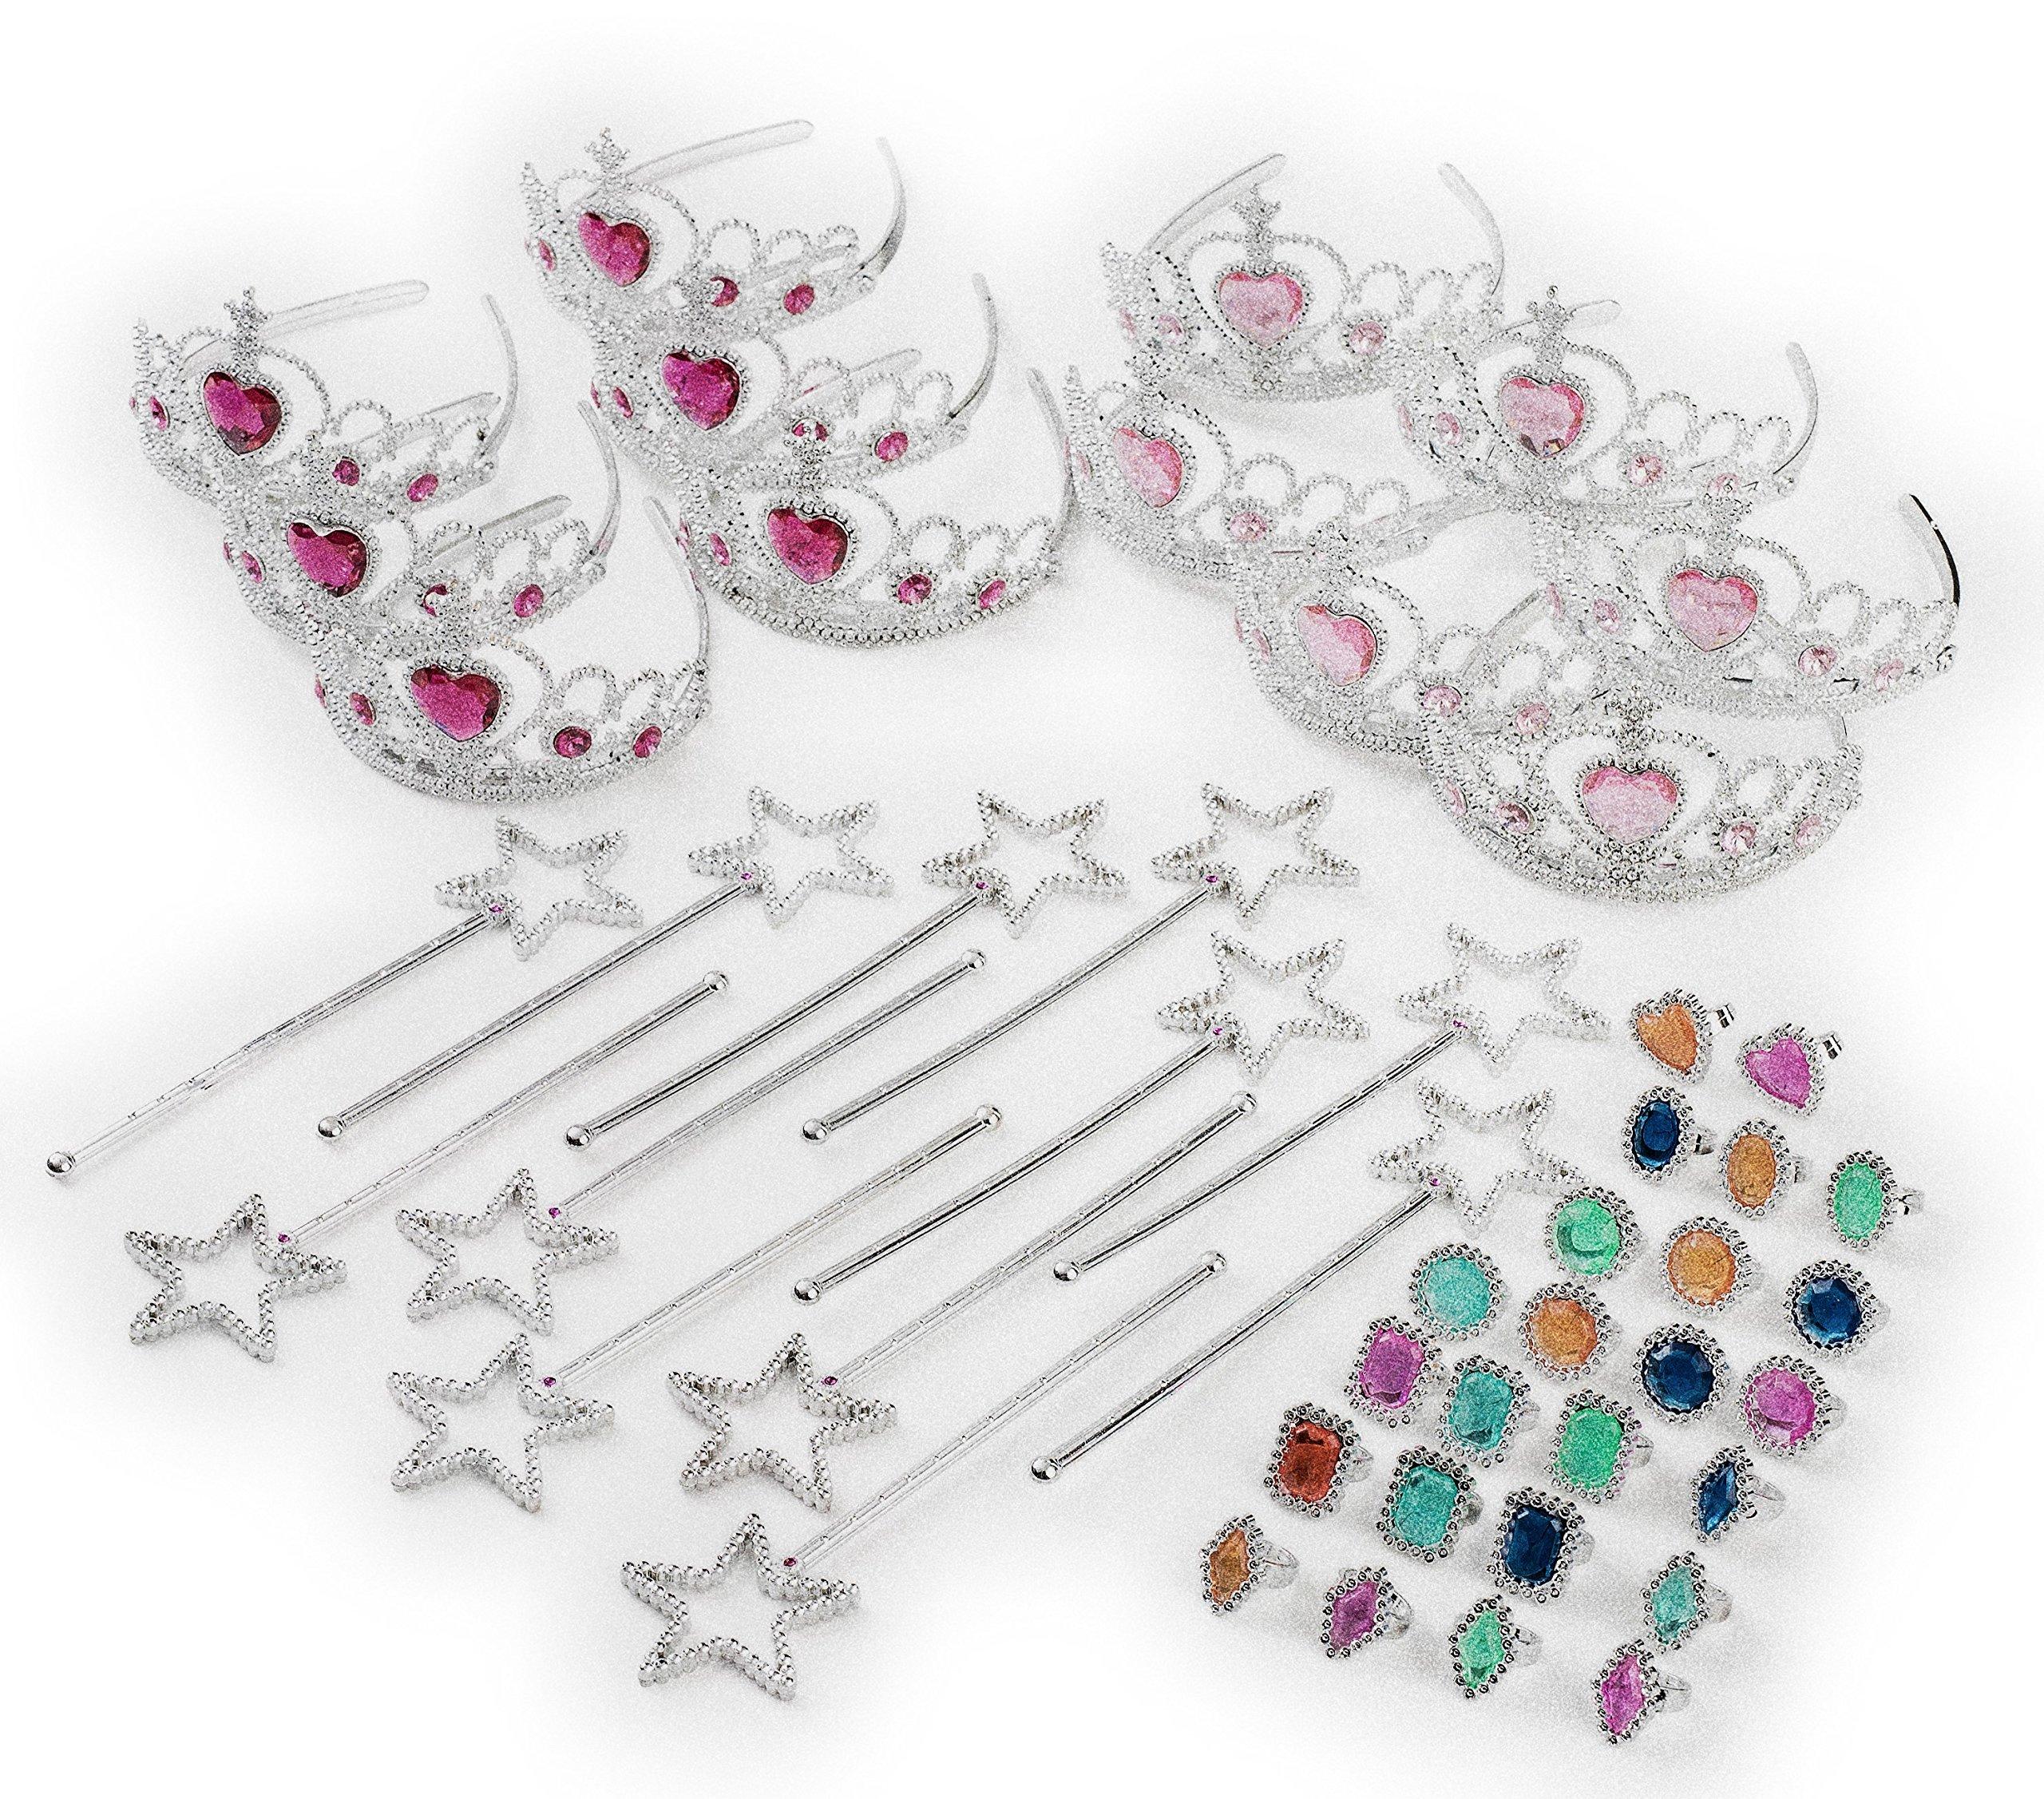 Princess Pretend Play Set - Easter Tiara Dress Up Play Set - Crowns, Wands, and Jewels - Princess Girls Party Favors - Princess Costume Party Play Set, (12 Princess Crown Tiaras, 12 Wands, 24 Rings) by Neliblu (Image #1)